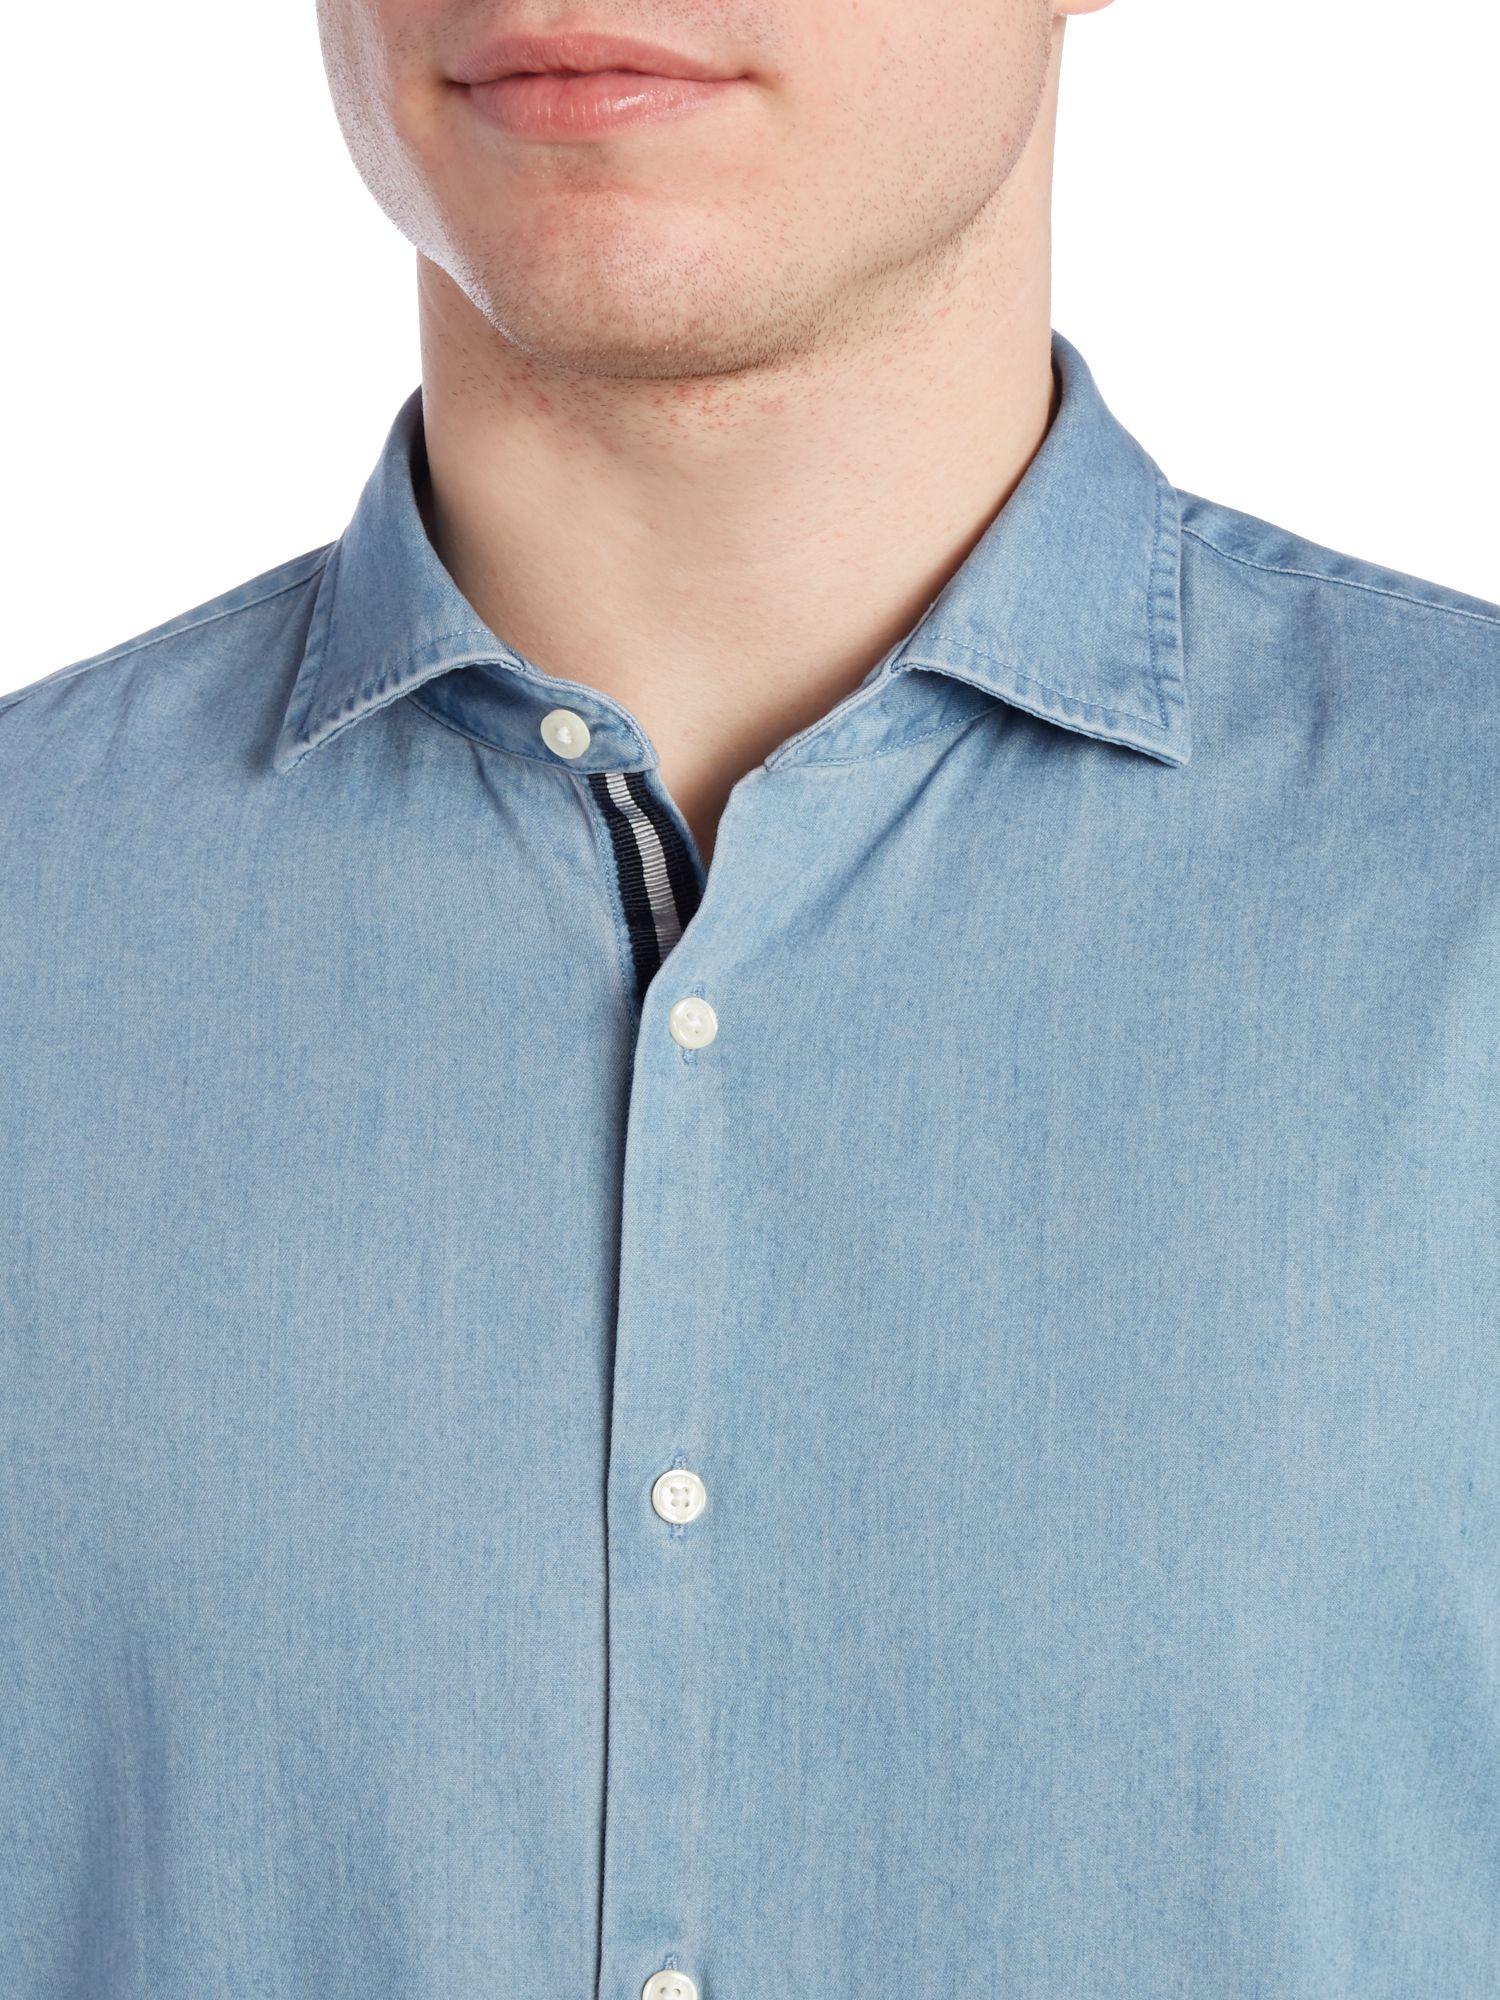 michael kors slim fit chambray denim light wash shirt in. Black Bedroom Furniture Sets. Home Design Ideas